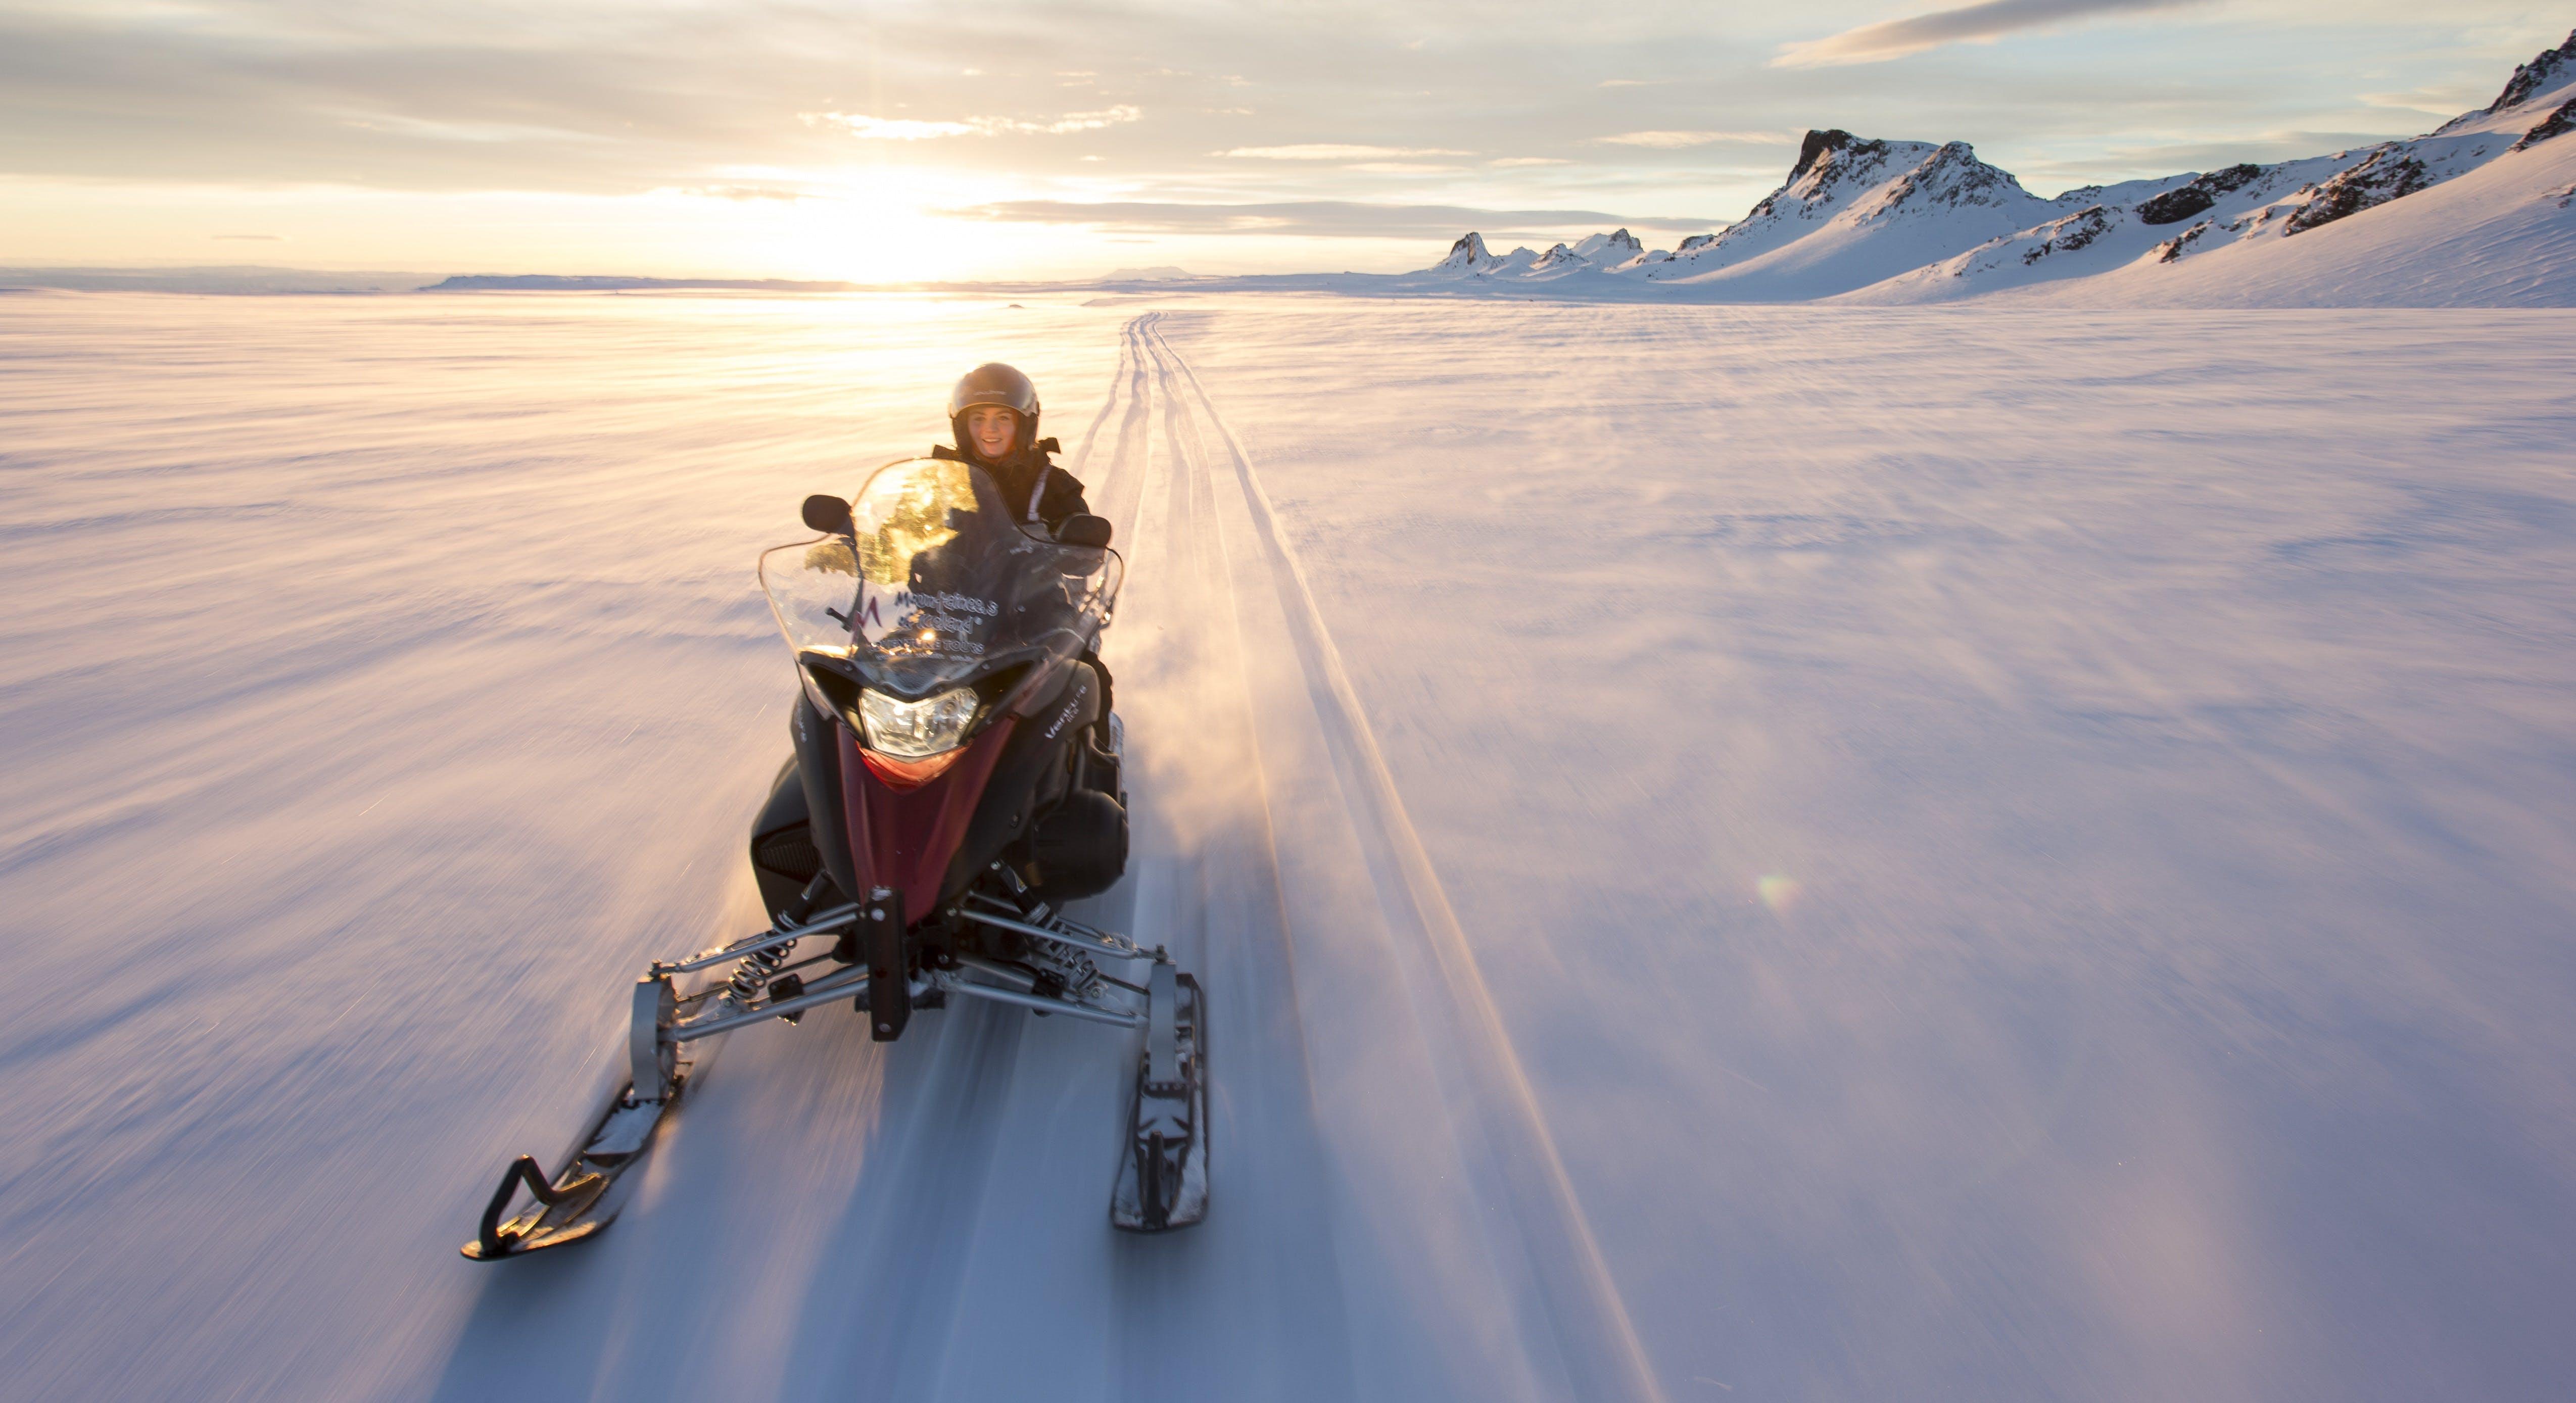 Schneemobilfahren ist eine der aufregendsten Aktivitäten, die Island zu bieten hat.